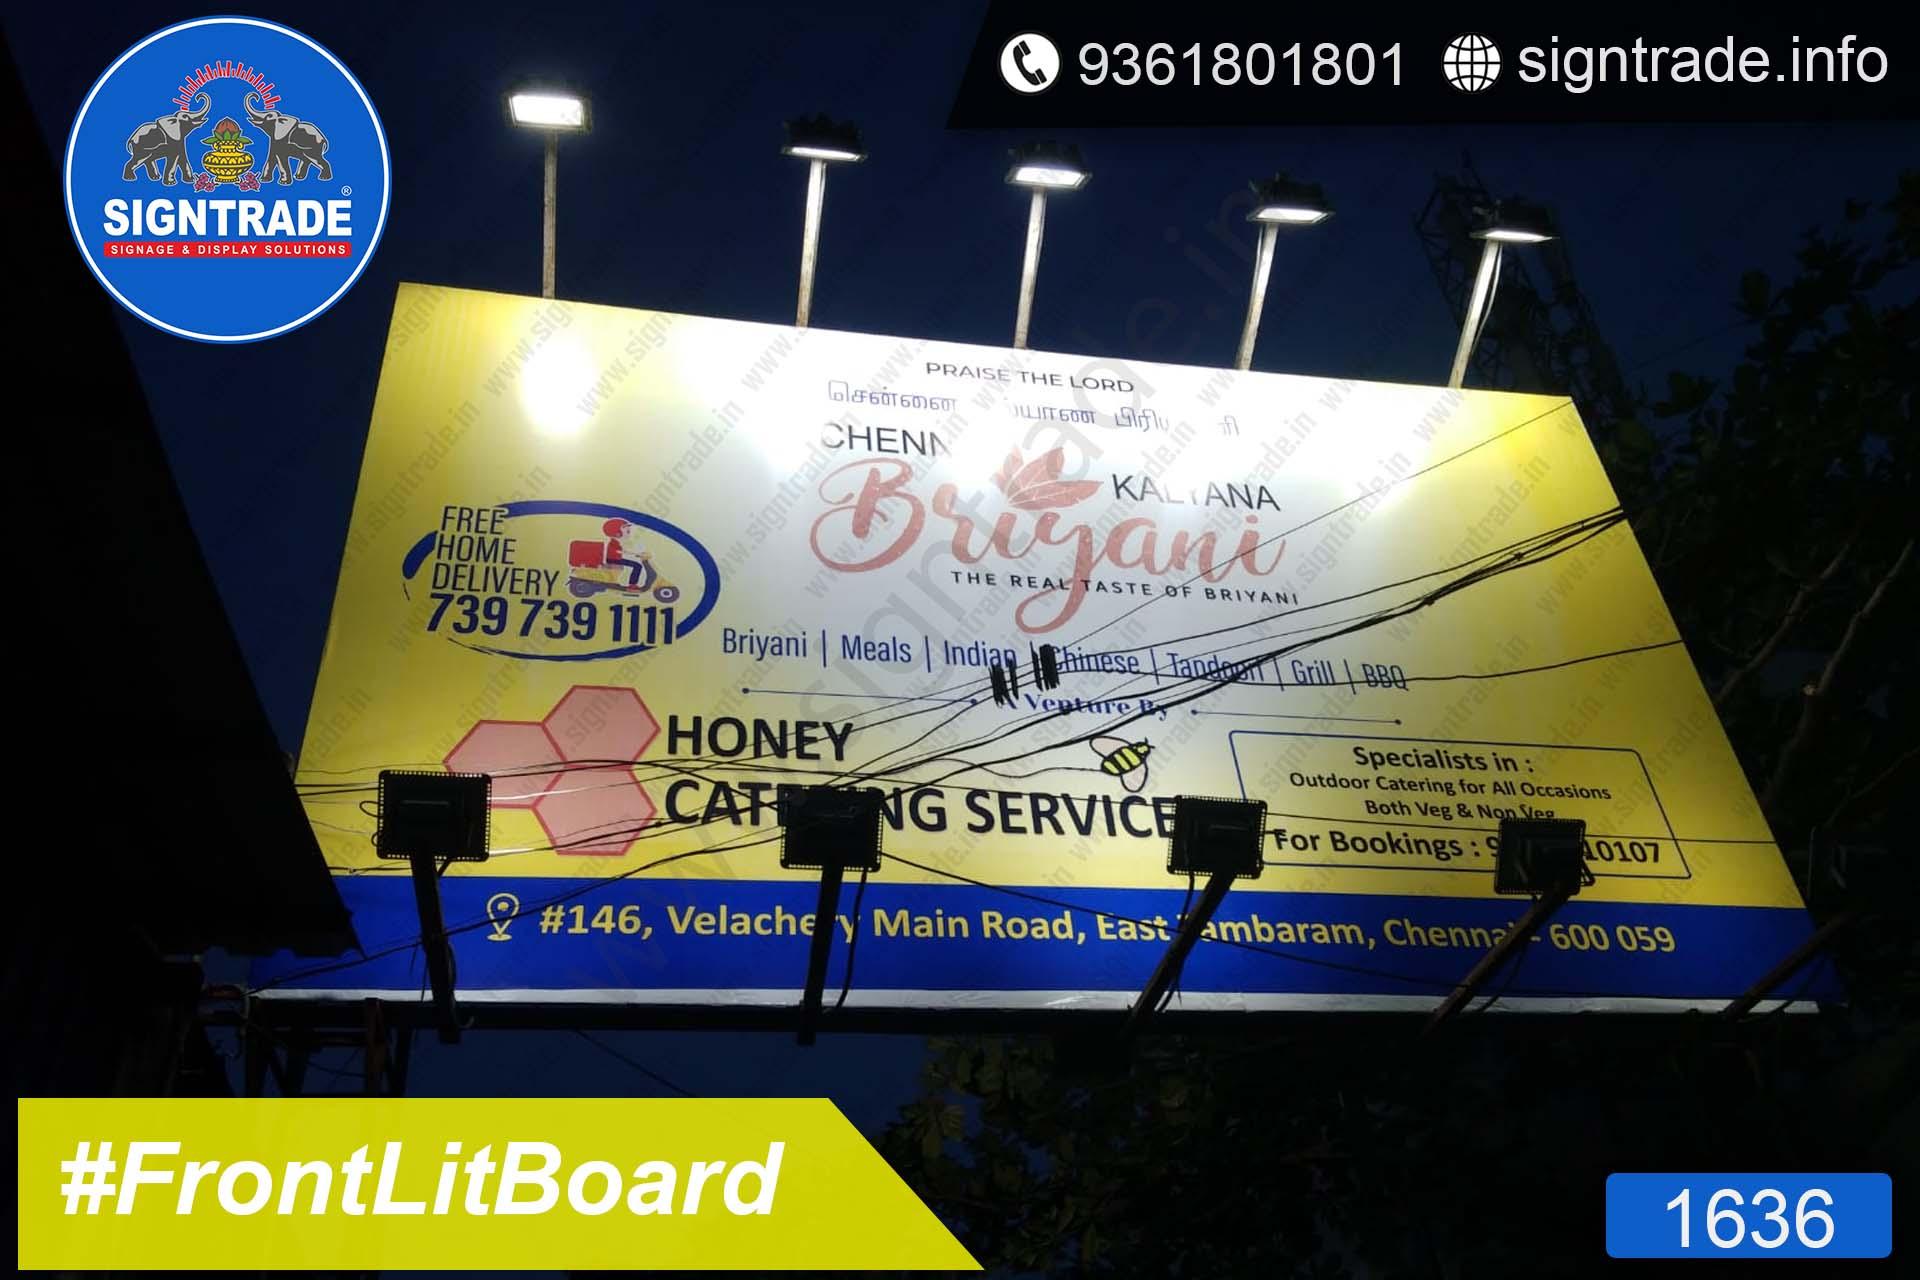 Chennai Kalyana Biriyani, Chennai - SIGNTRADE - Frontlit Board Manufacturers in Chennai